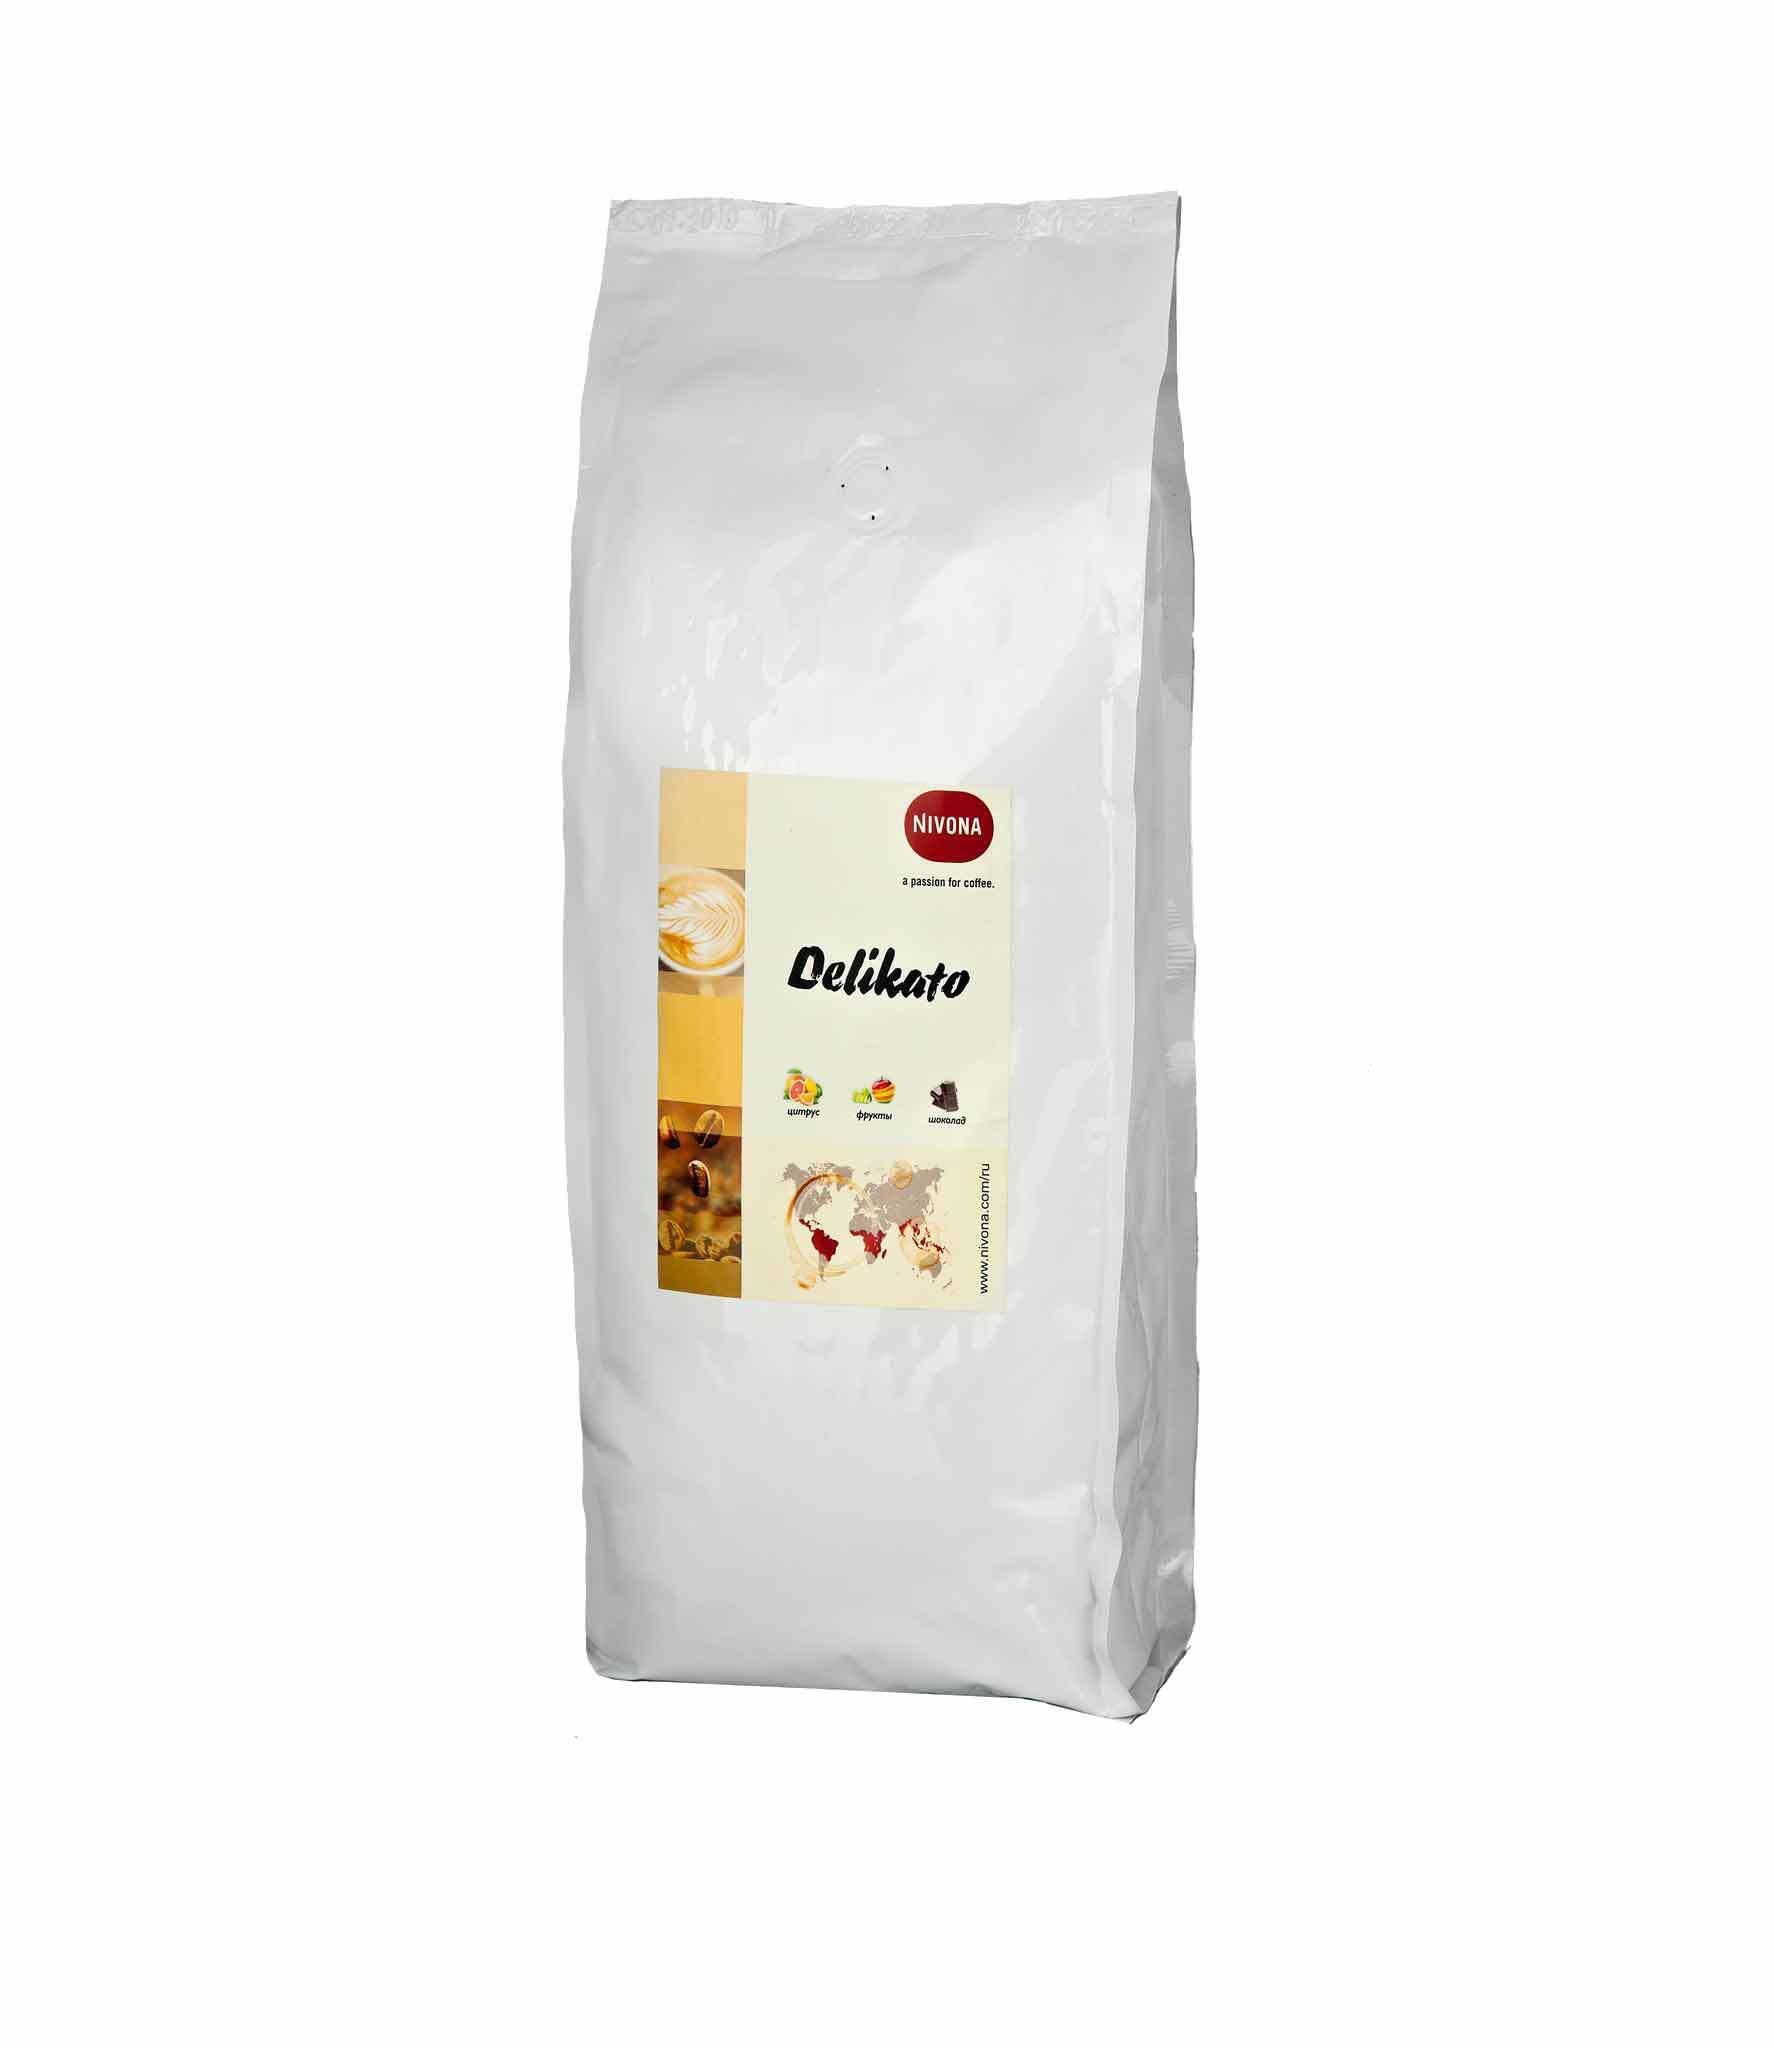 Кофе в зернах Nivona DELICATO, 500 гр.